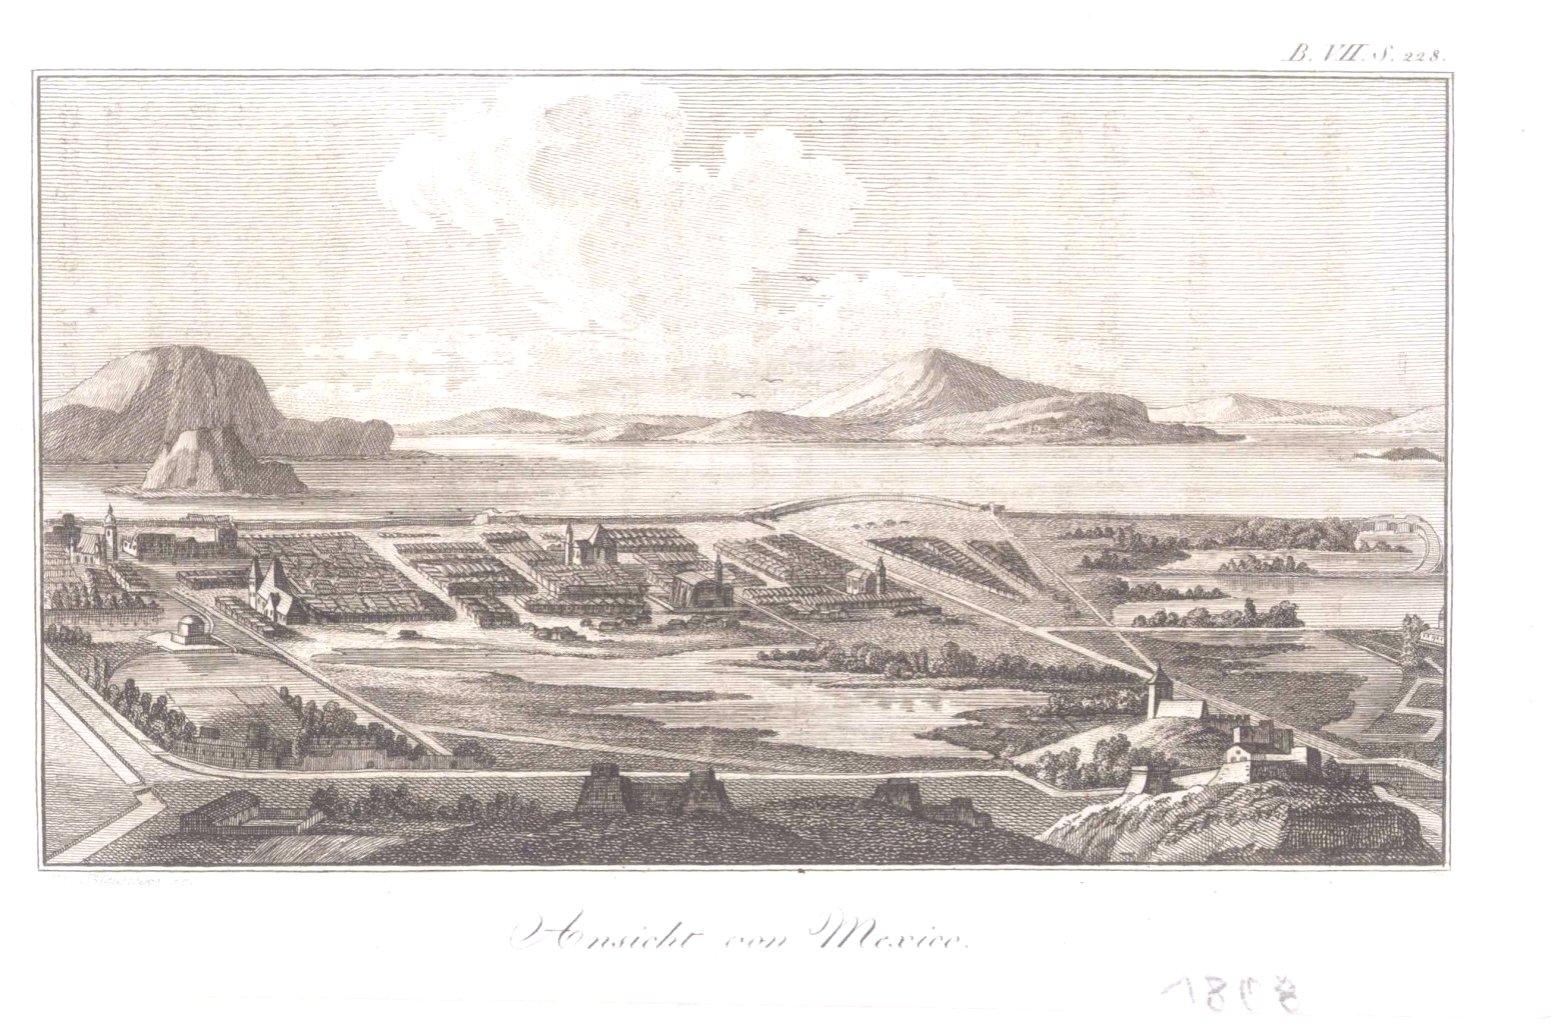 Mexiko und die Habsburger 1800/1870-2